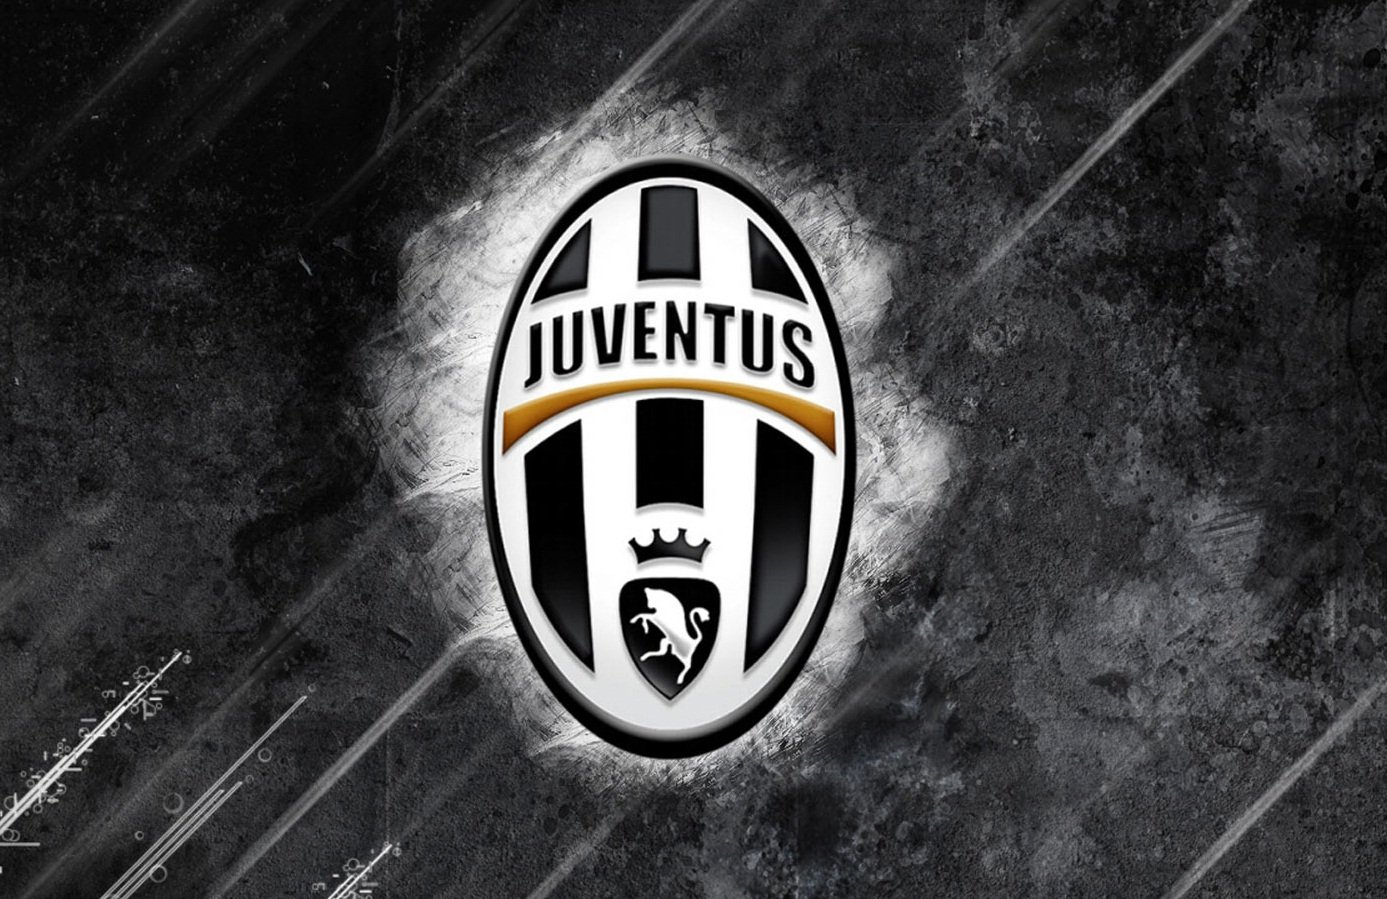 Juventus J. Village, 350 assunzioni entro il 2017